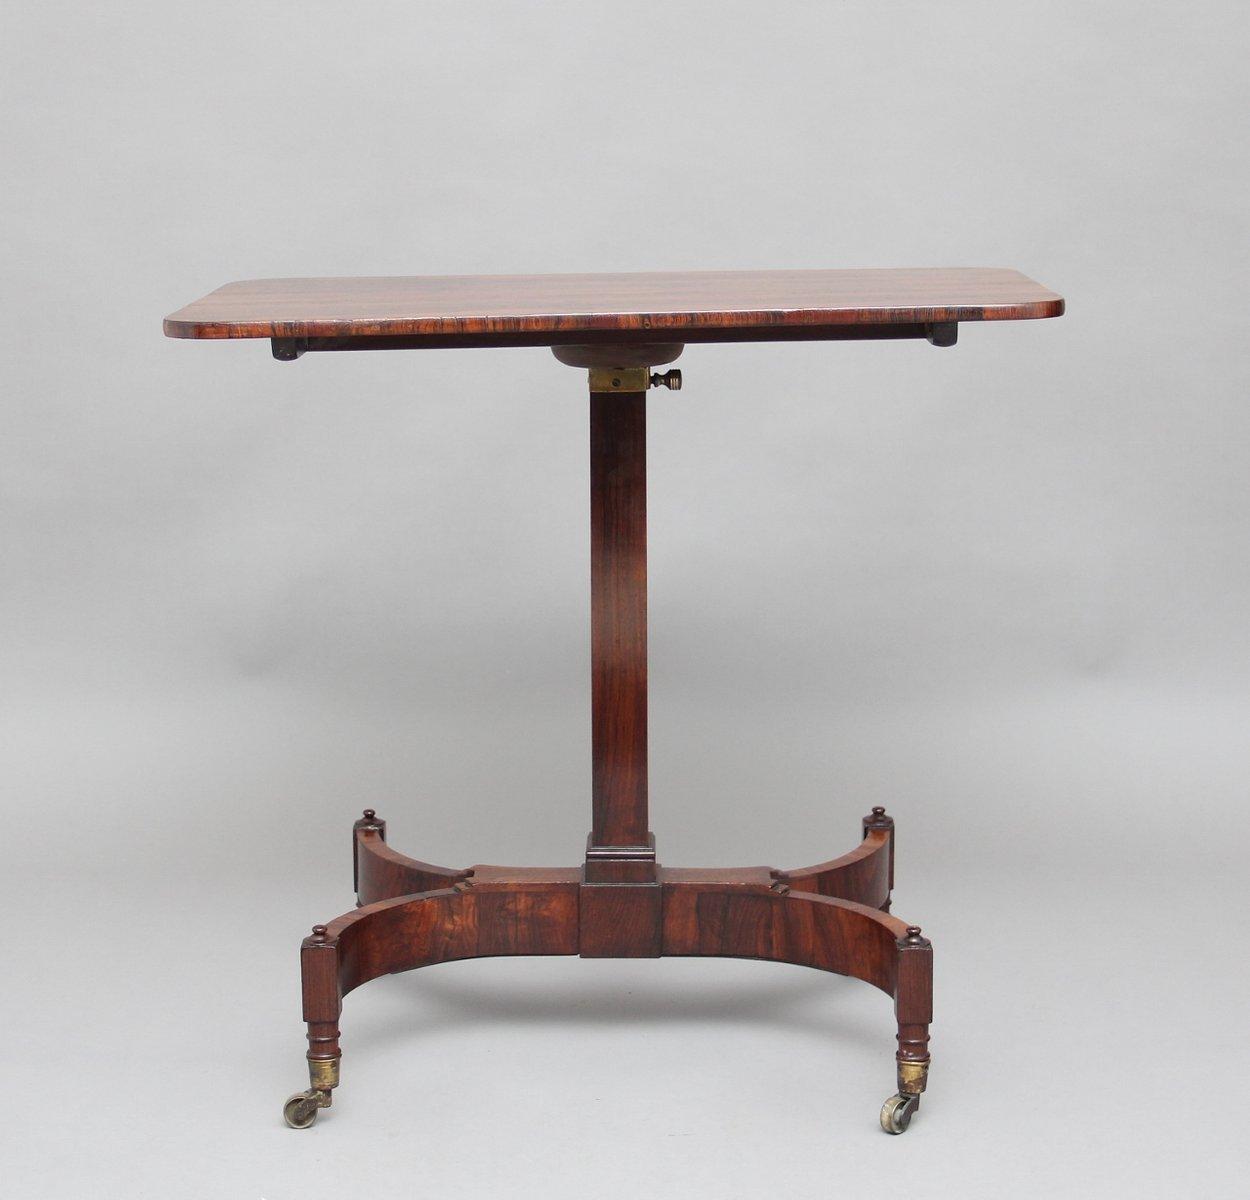 Verstellbarer Tisch aus Palisander, 19. Jh.